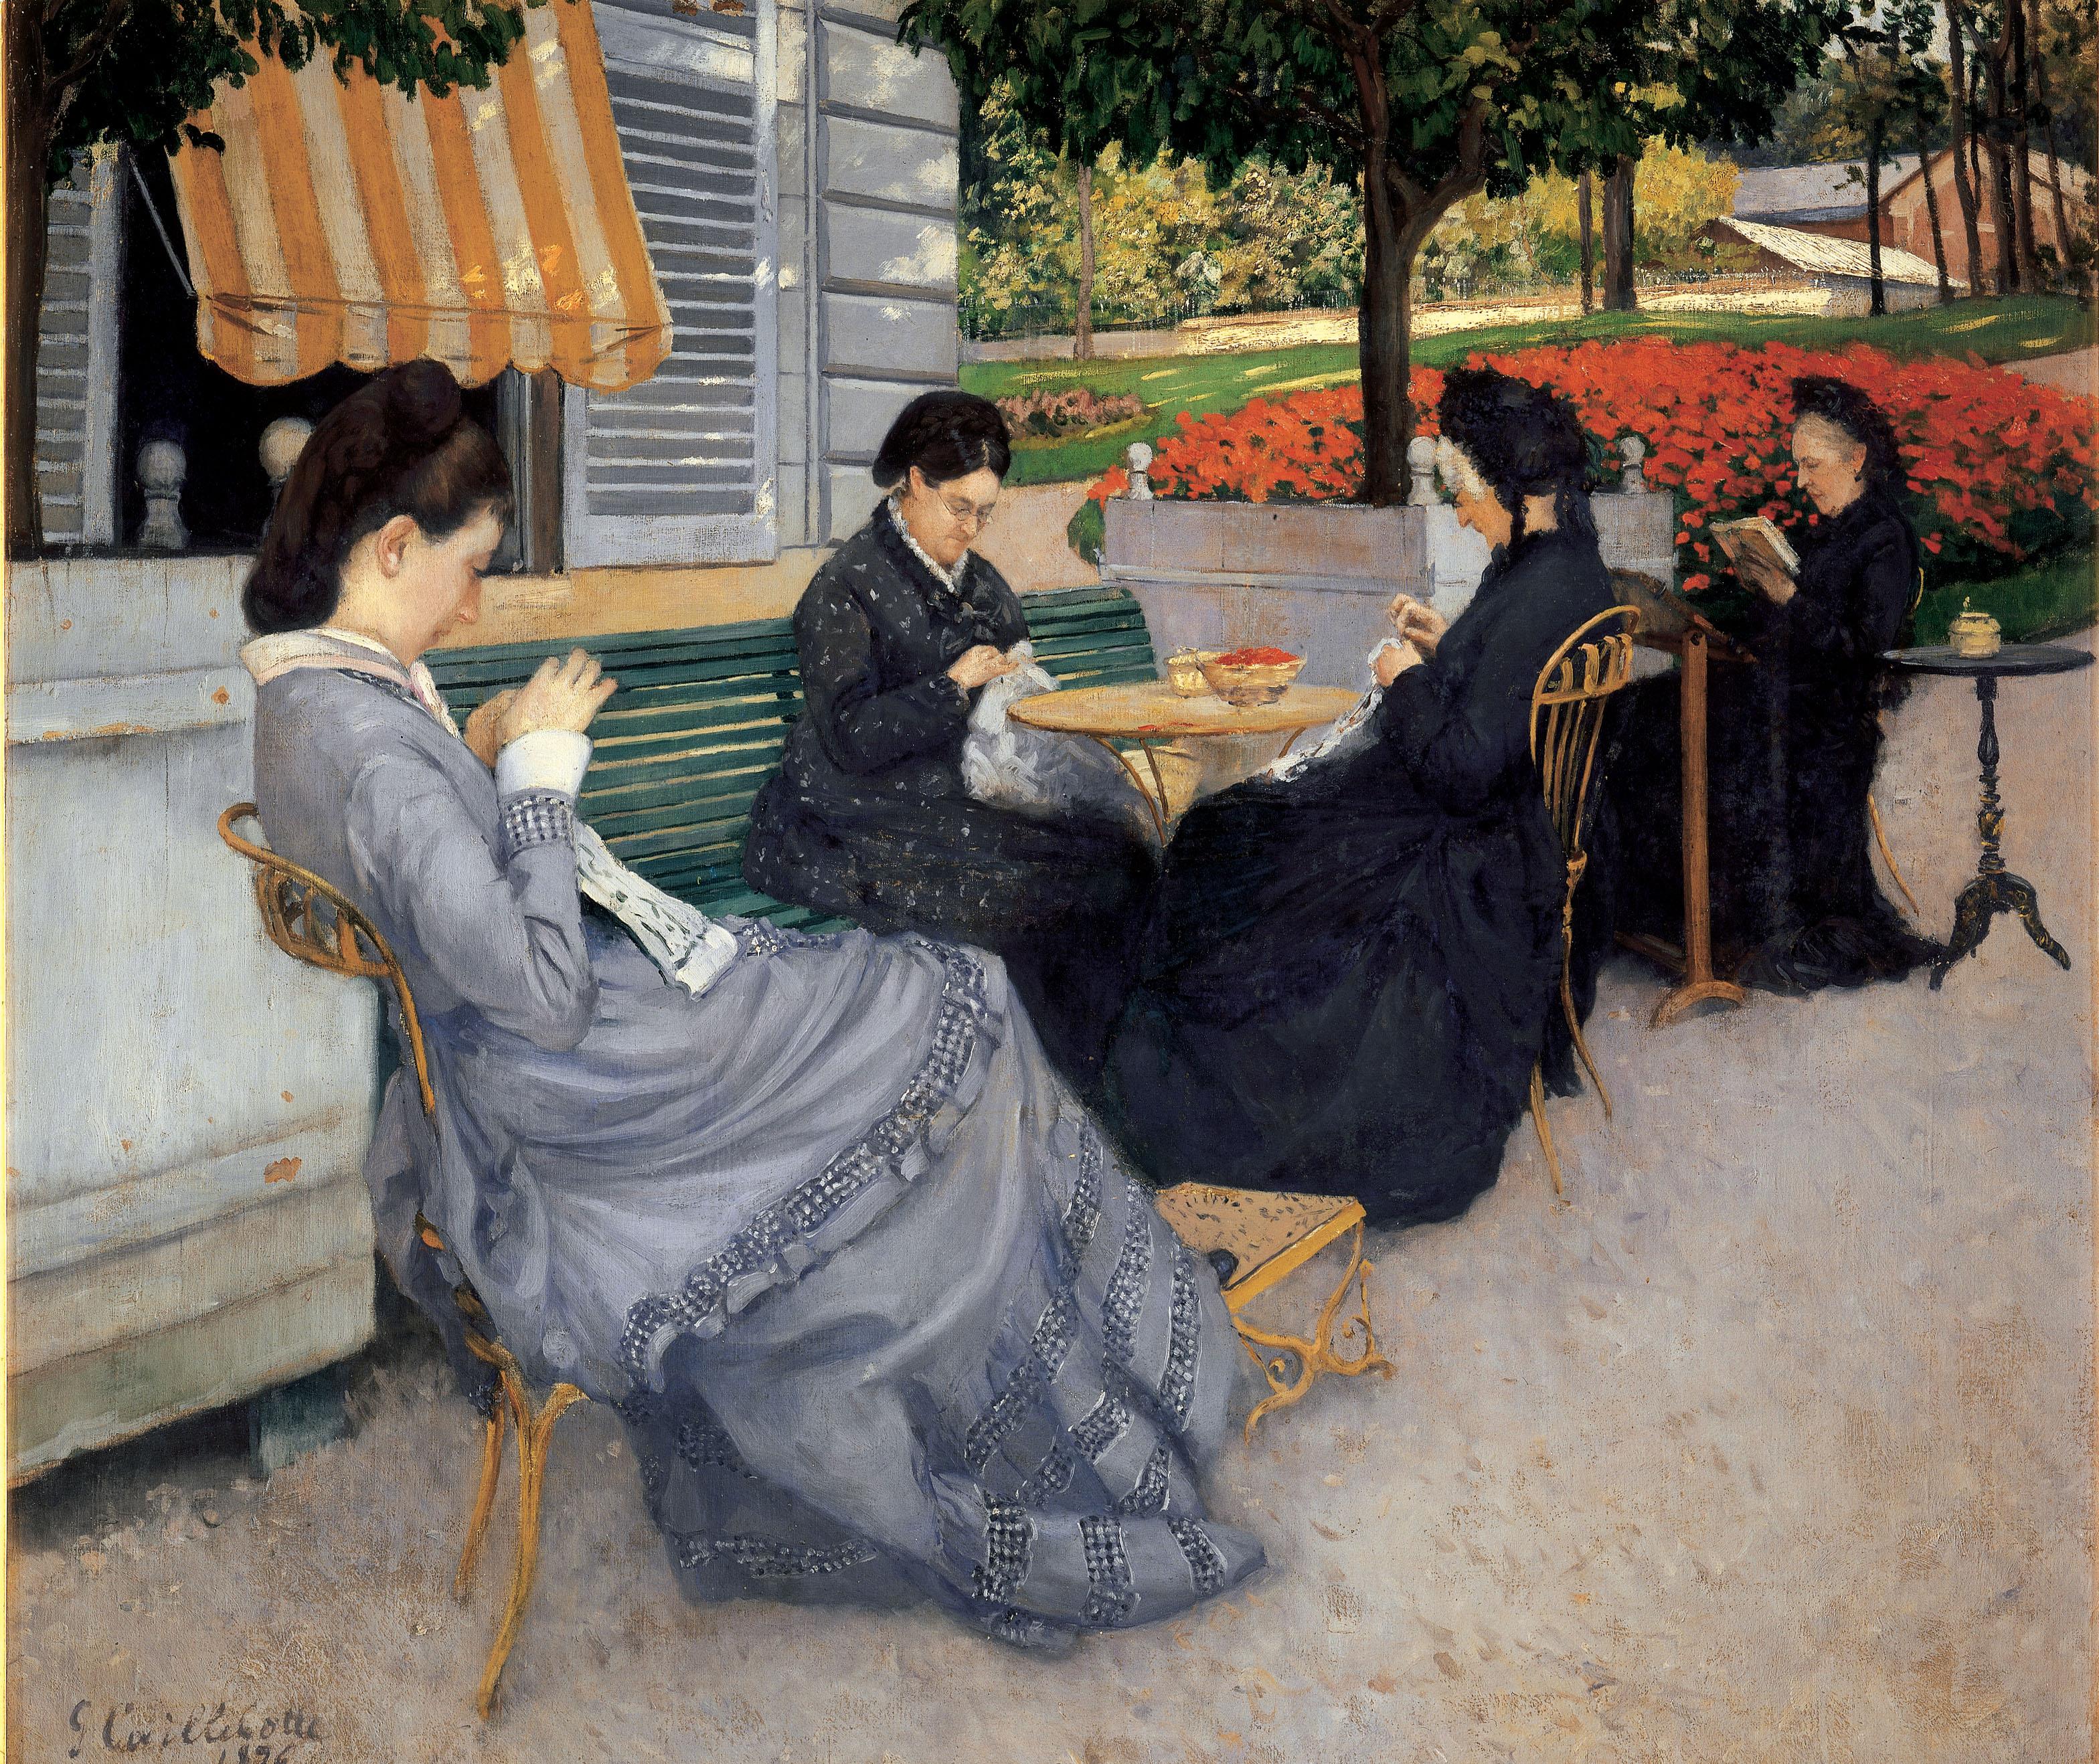 Aluksi kahvilat olivat yläluokan miesten salonkeja, mutta vähitelleen ne tulivat suosituiksi myös naisten parissa.